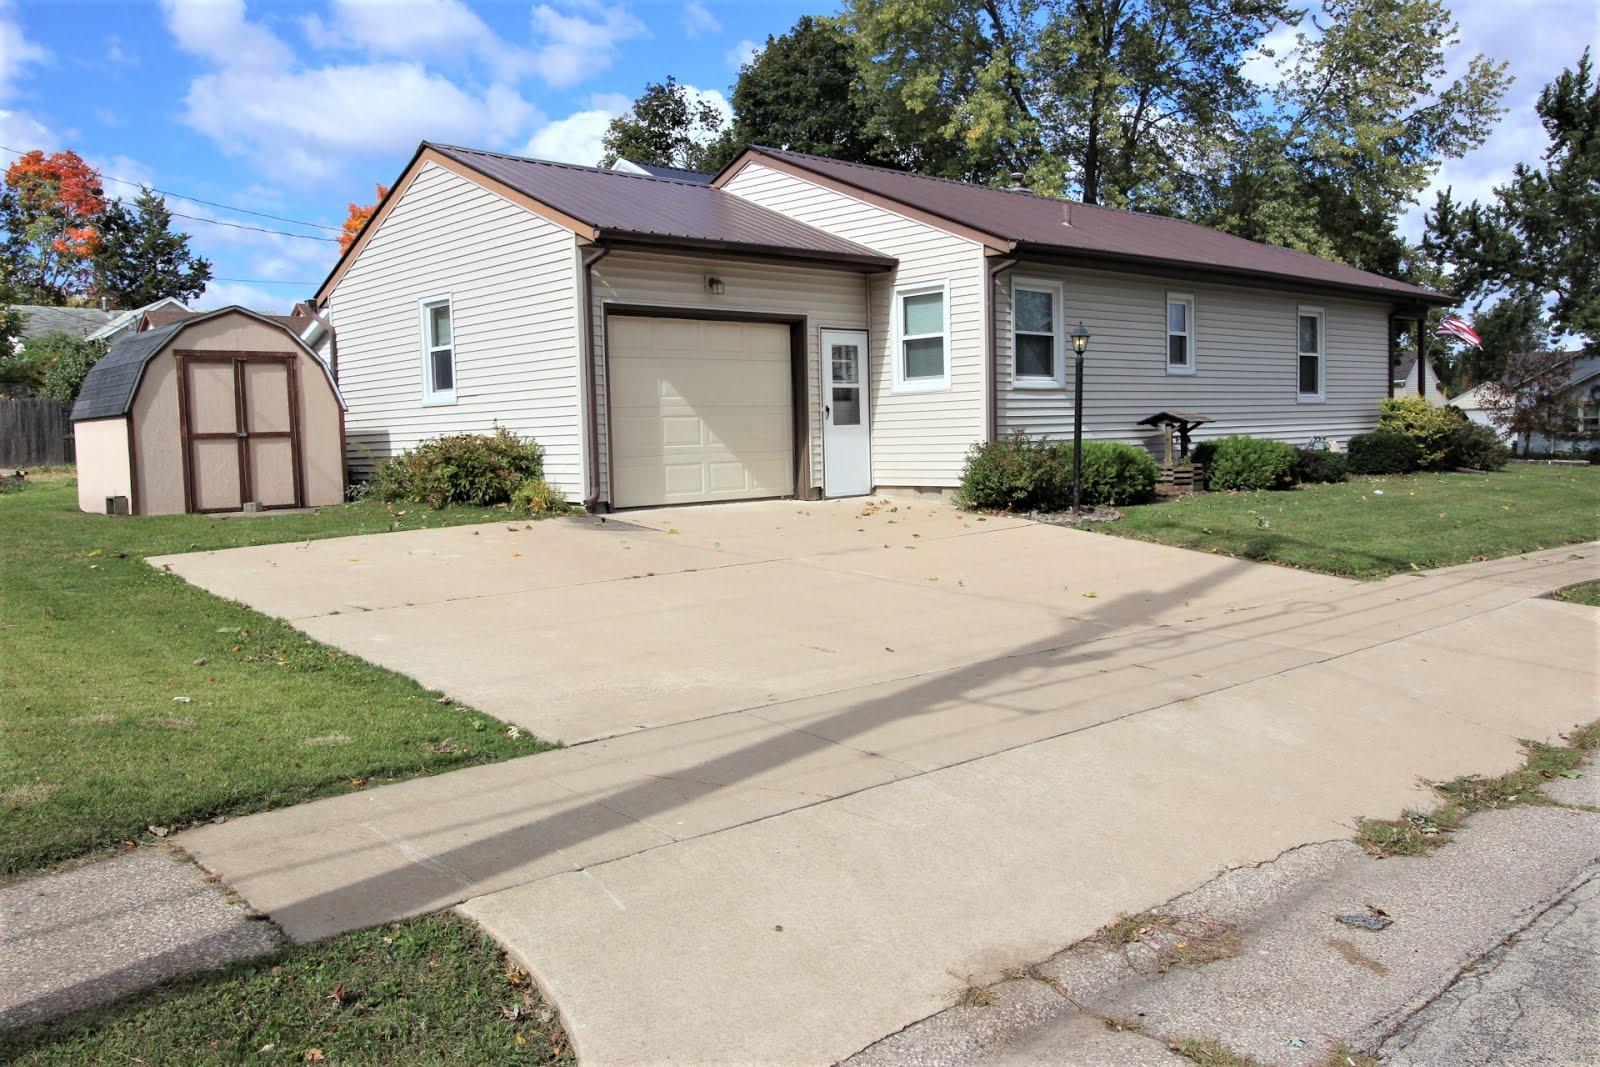 311 East Pleasant St., Maquoketa, IA $86,000